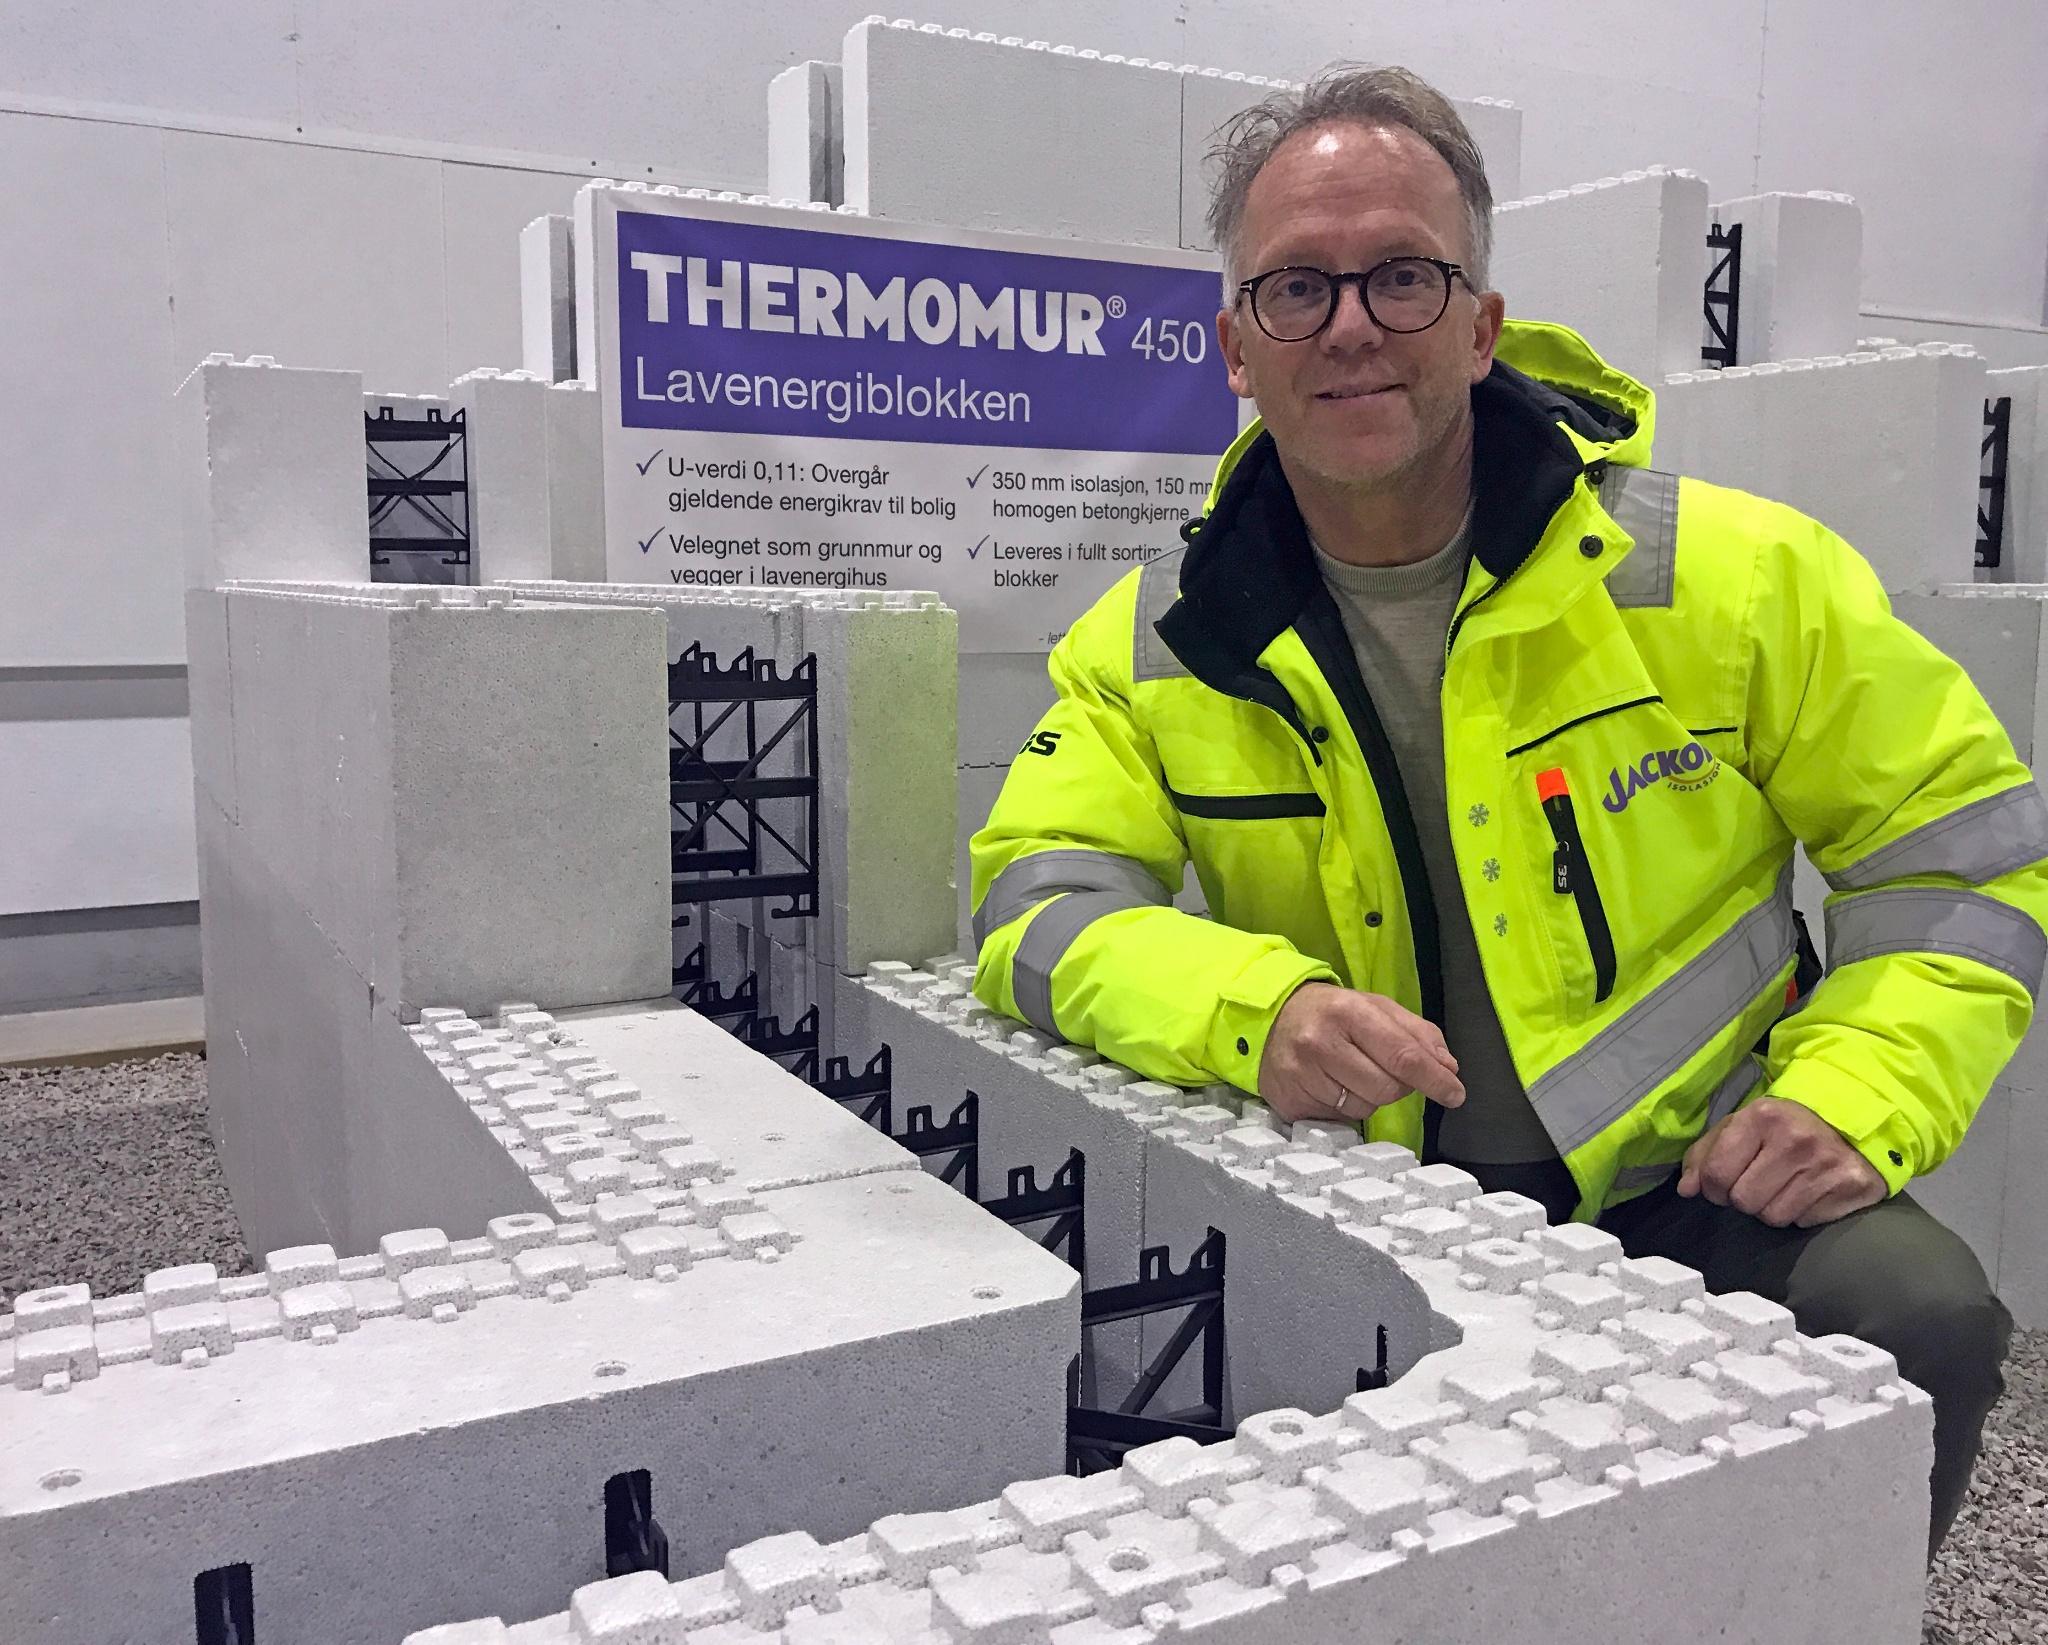 BILLEDE 1 Eivind Olsen viser fram Thermomur 450 lavenergiblokken